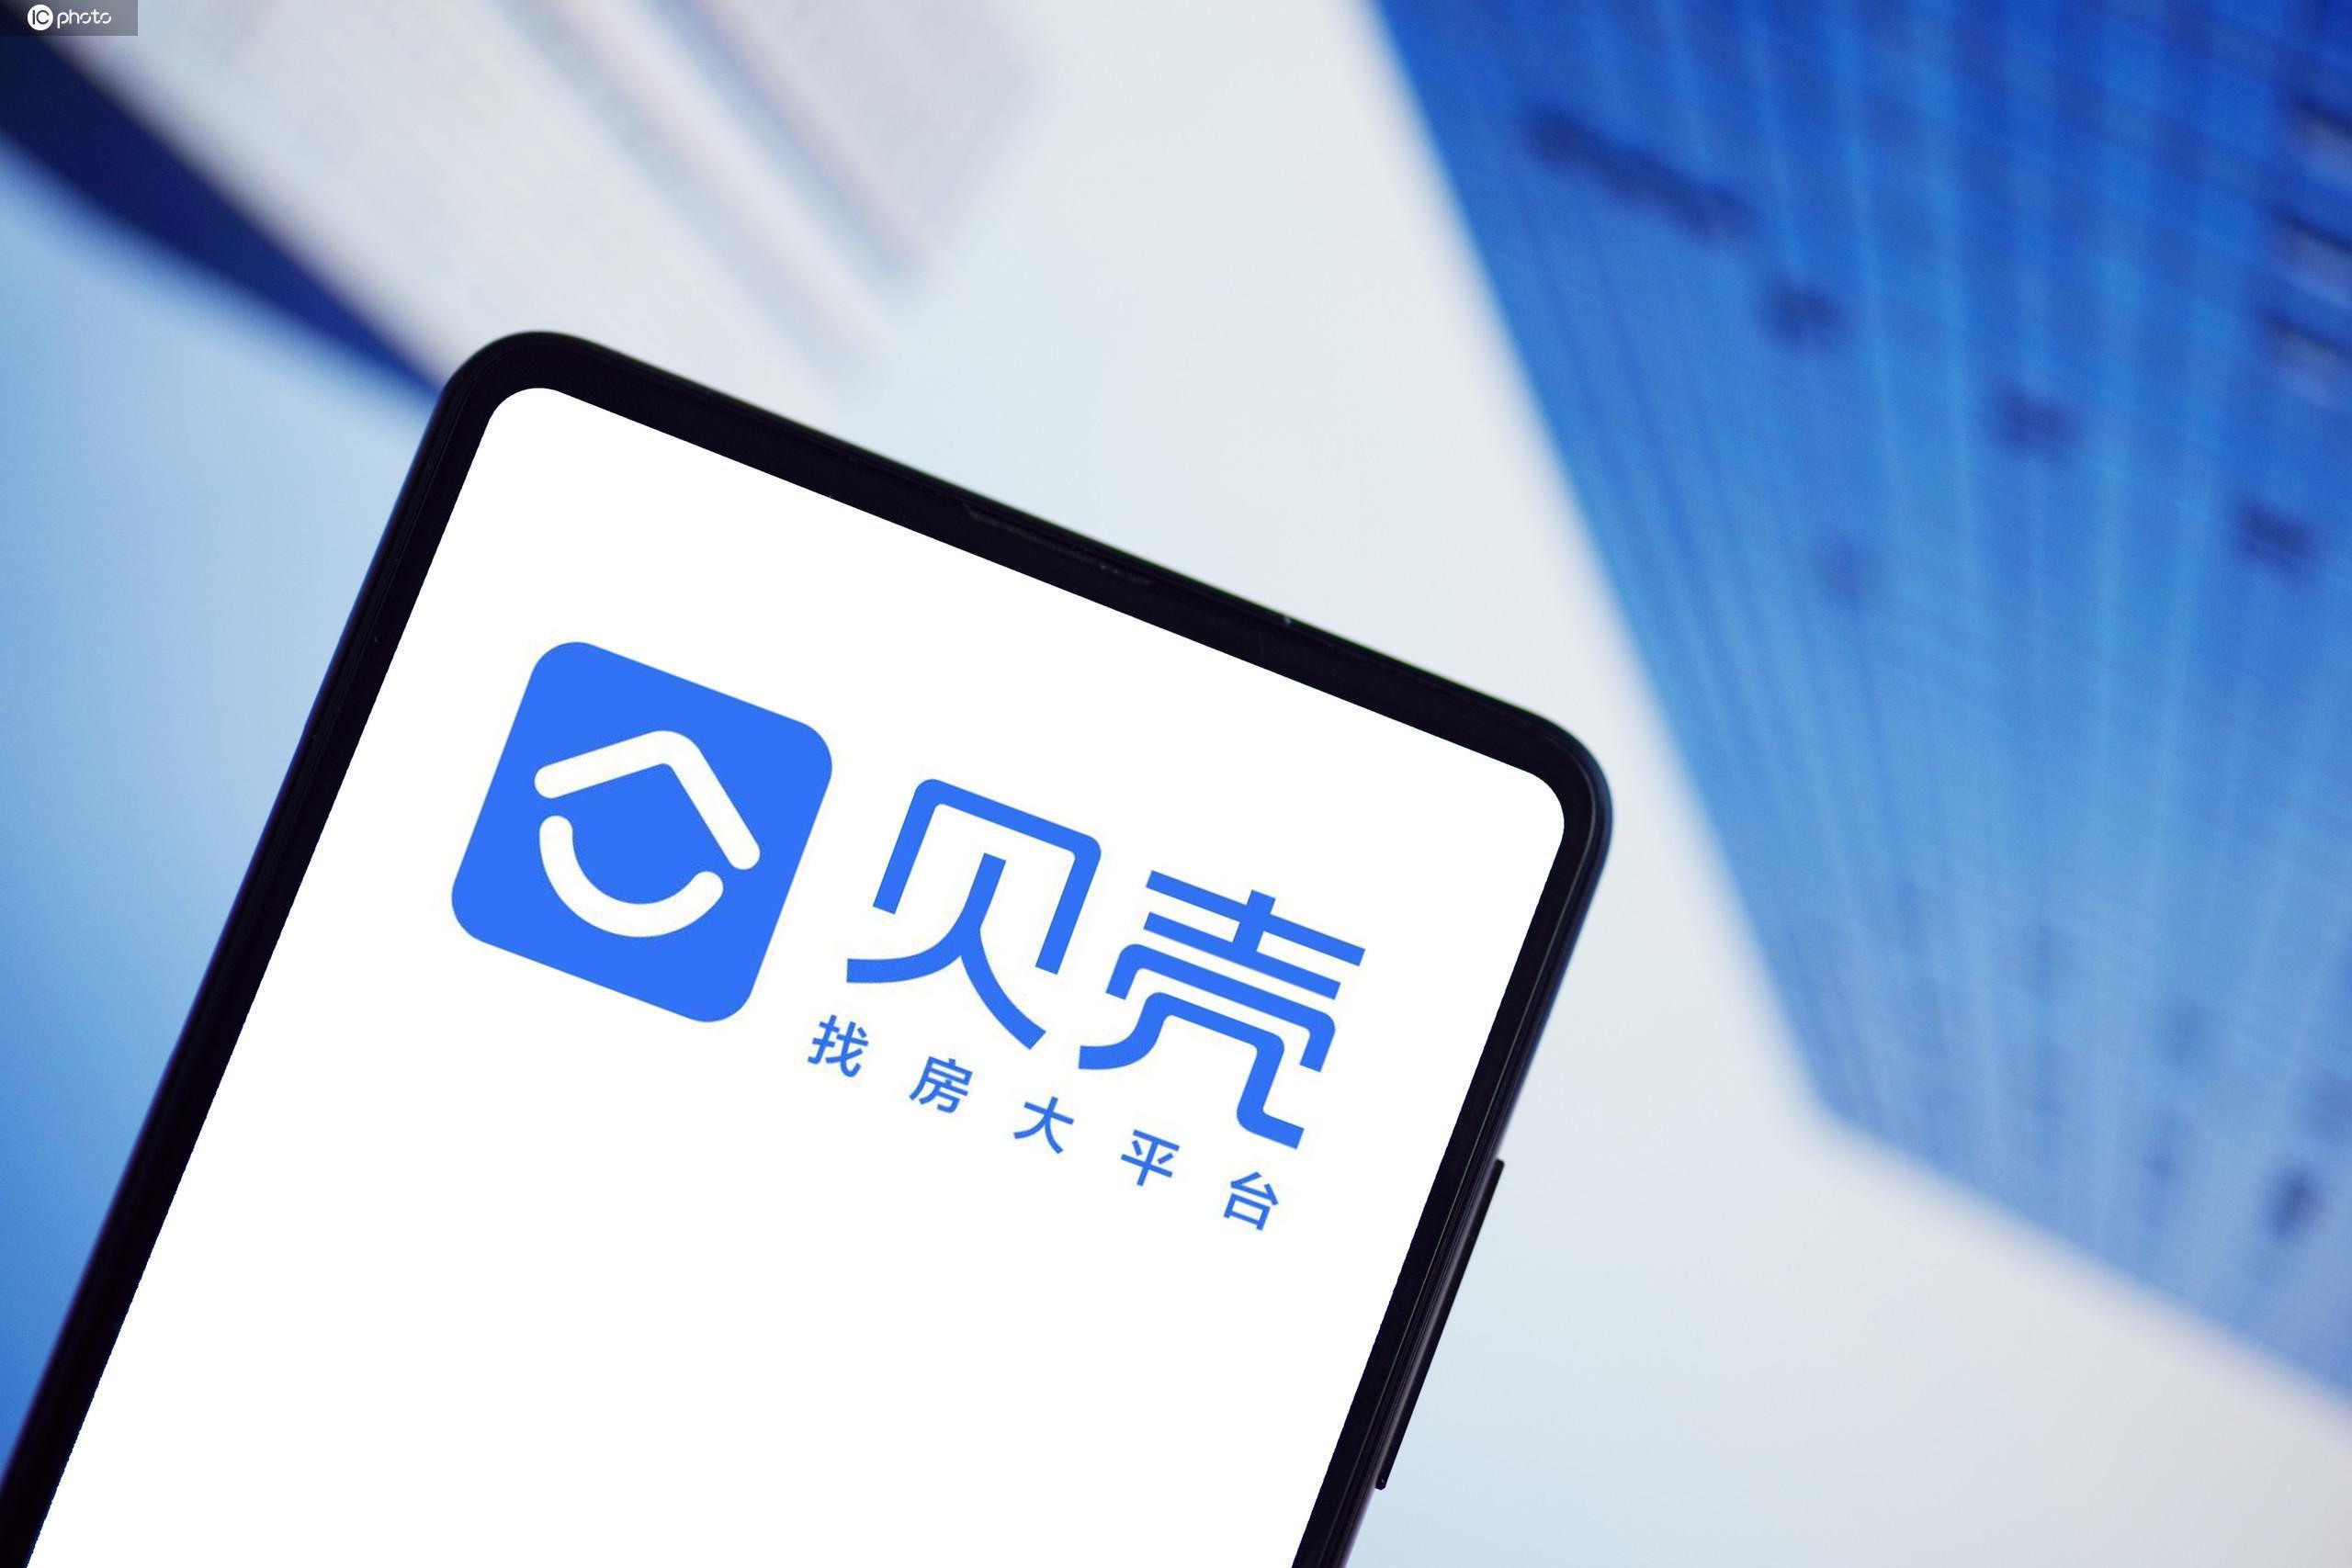 贝壳找房与腾讯合作为QQ浏览器等提供房产服务内容